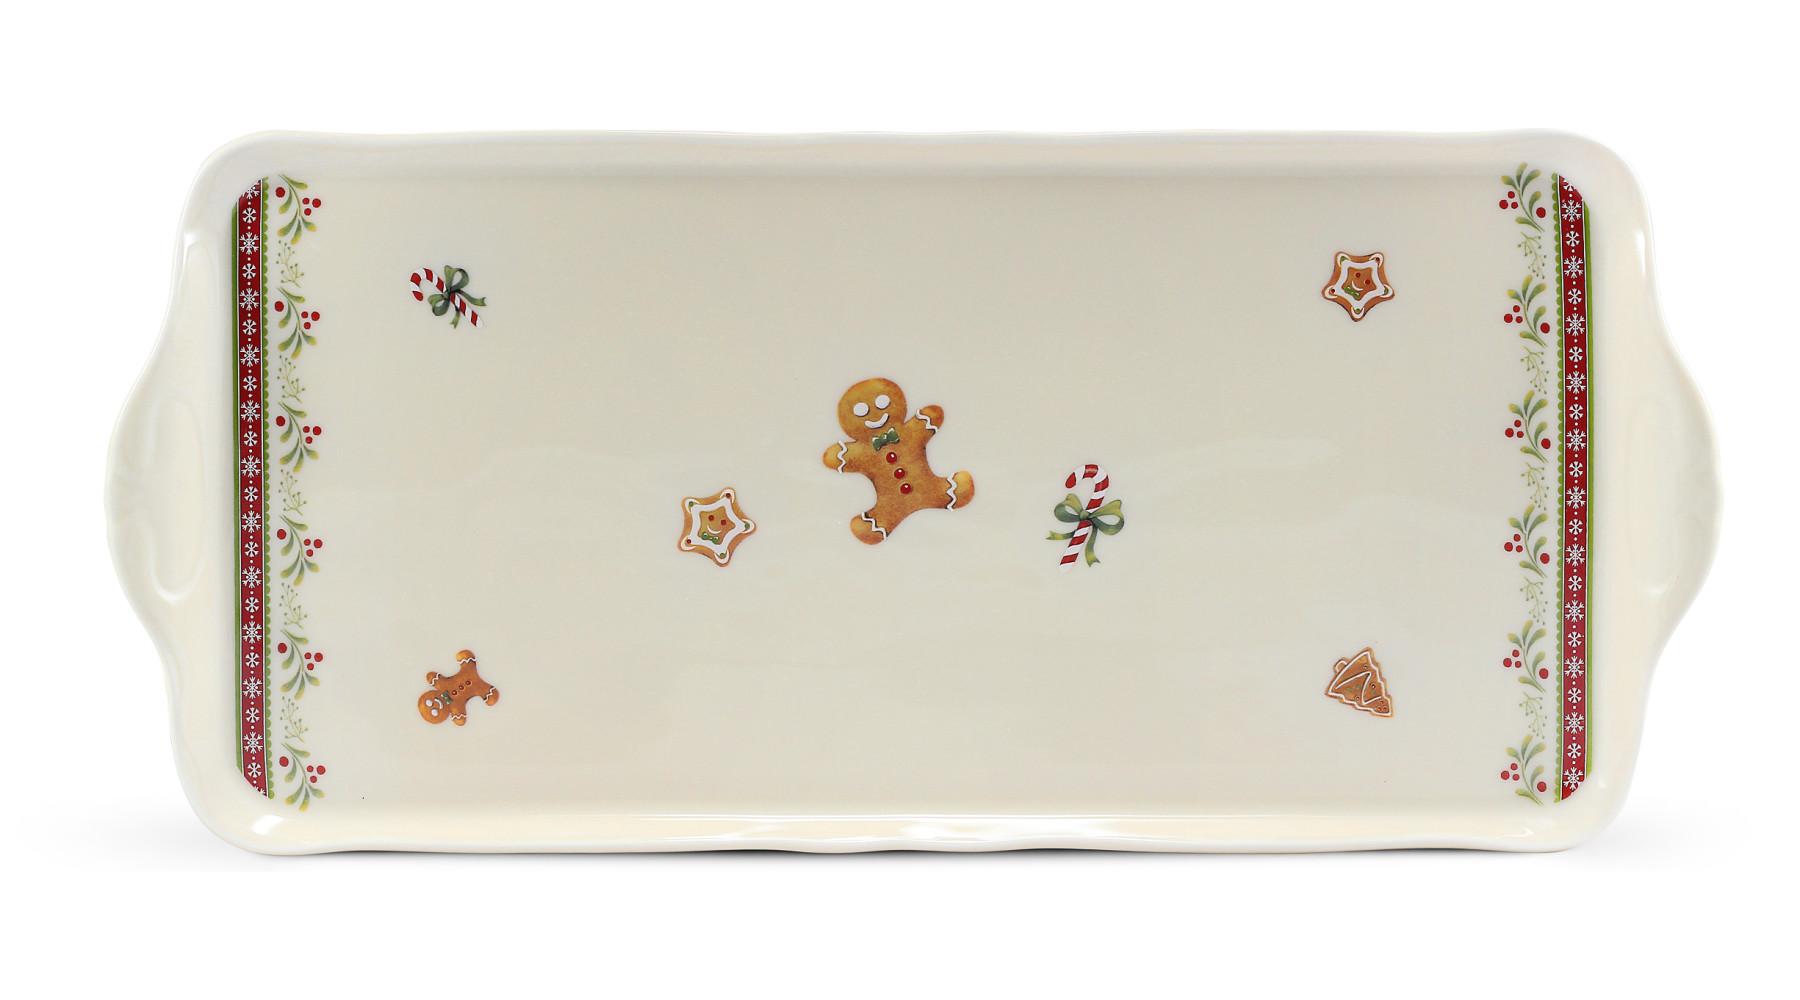 Servierbrett Quadrat 36 cm Weihnachtslebkuchen